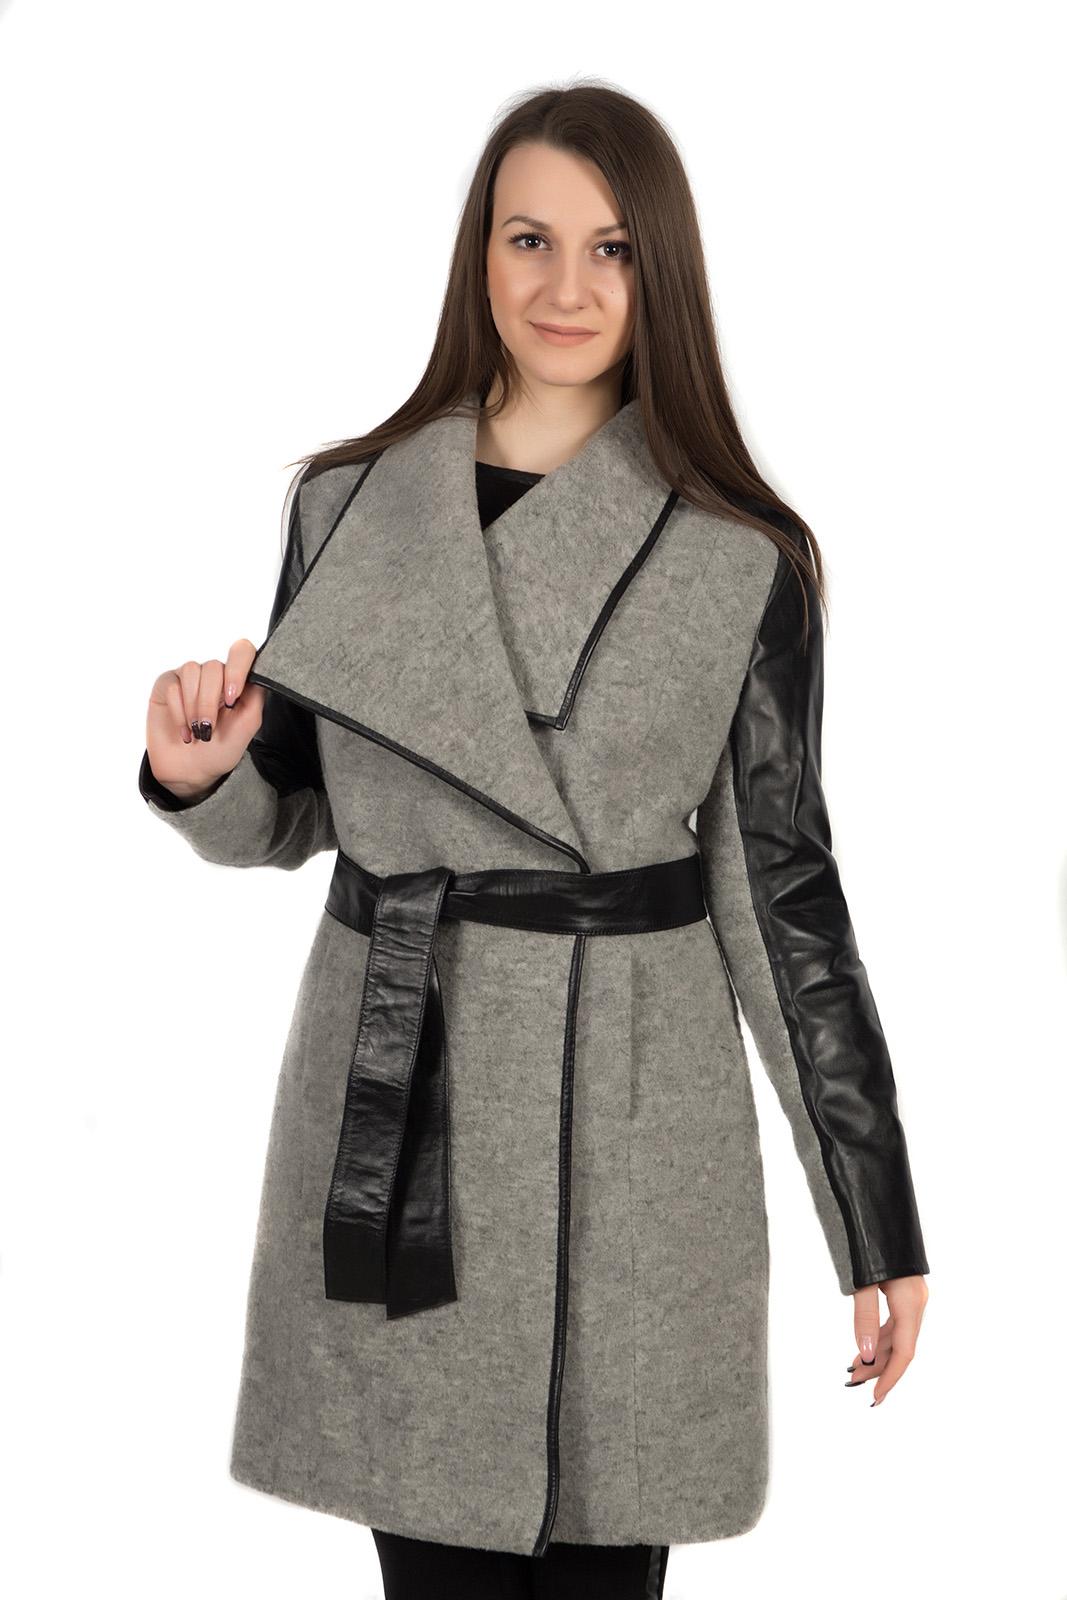 Женское пальто из текстиля с воротником, без отделки от МОСМЕХА